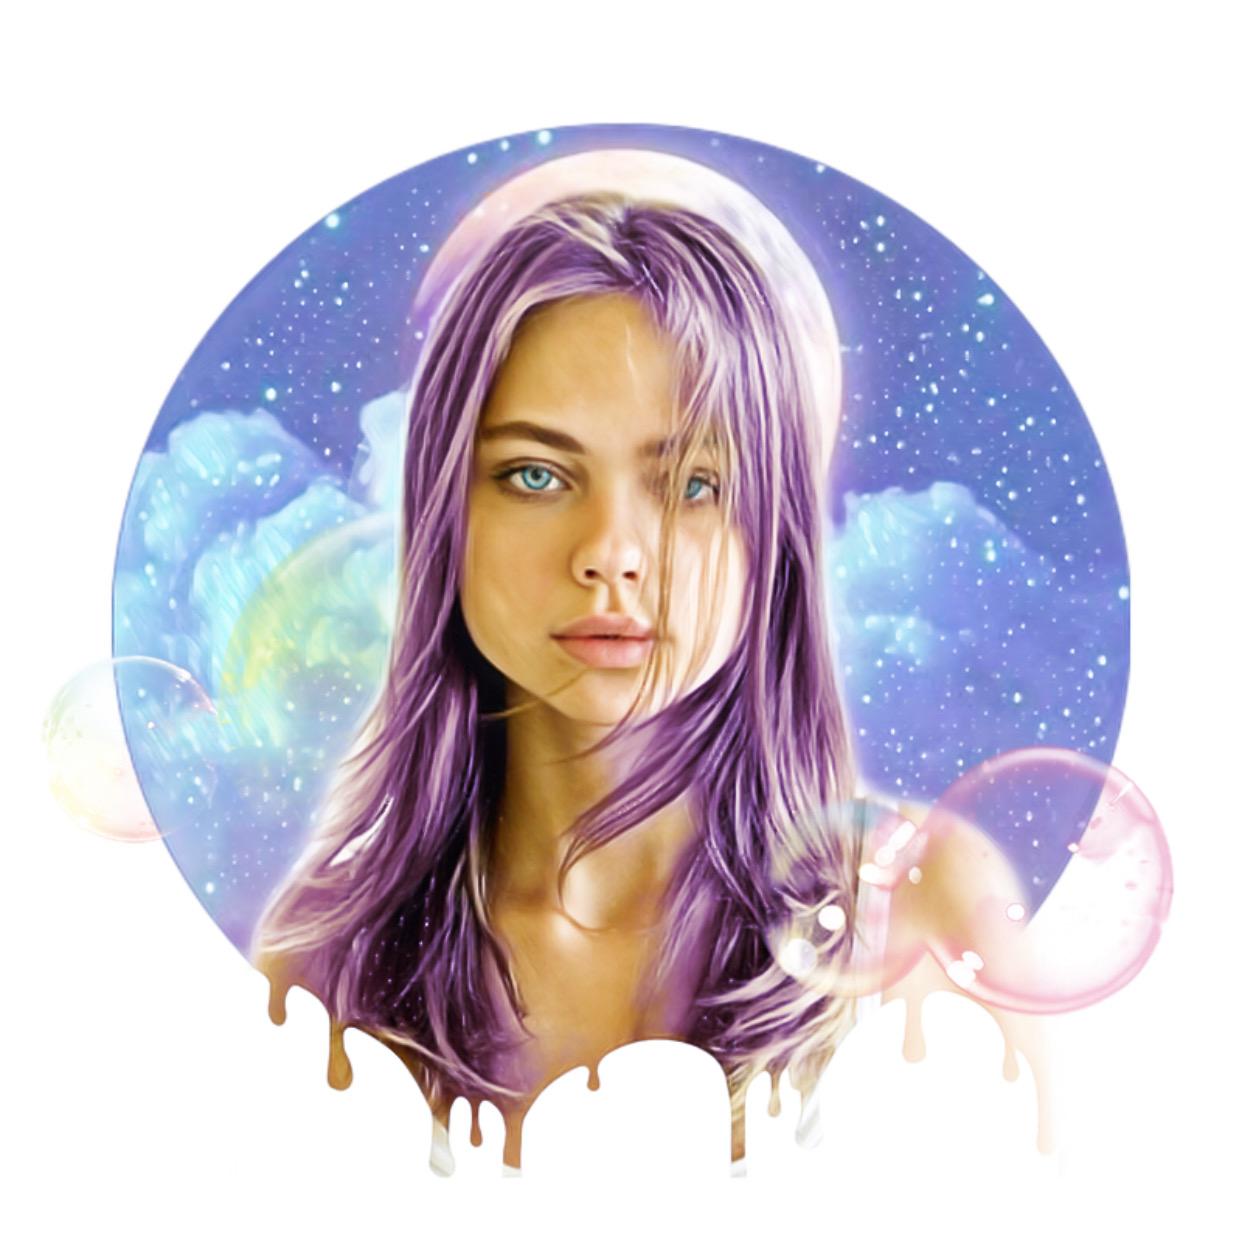 #freetoedit #домаспиксарт #аватарка #рисунок #пузыри #мыльеые пузыри #космос #мультяшка #мультик #иллюстрация #портрет